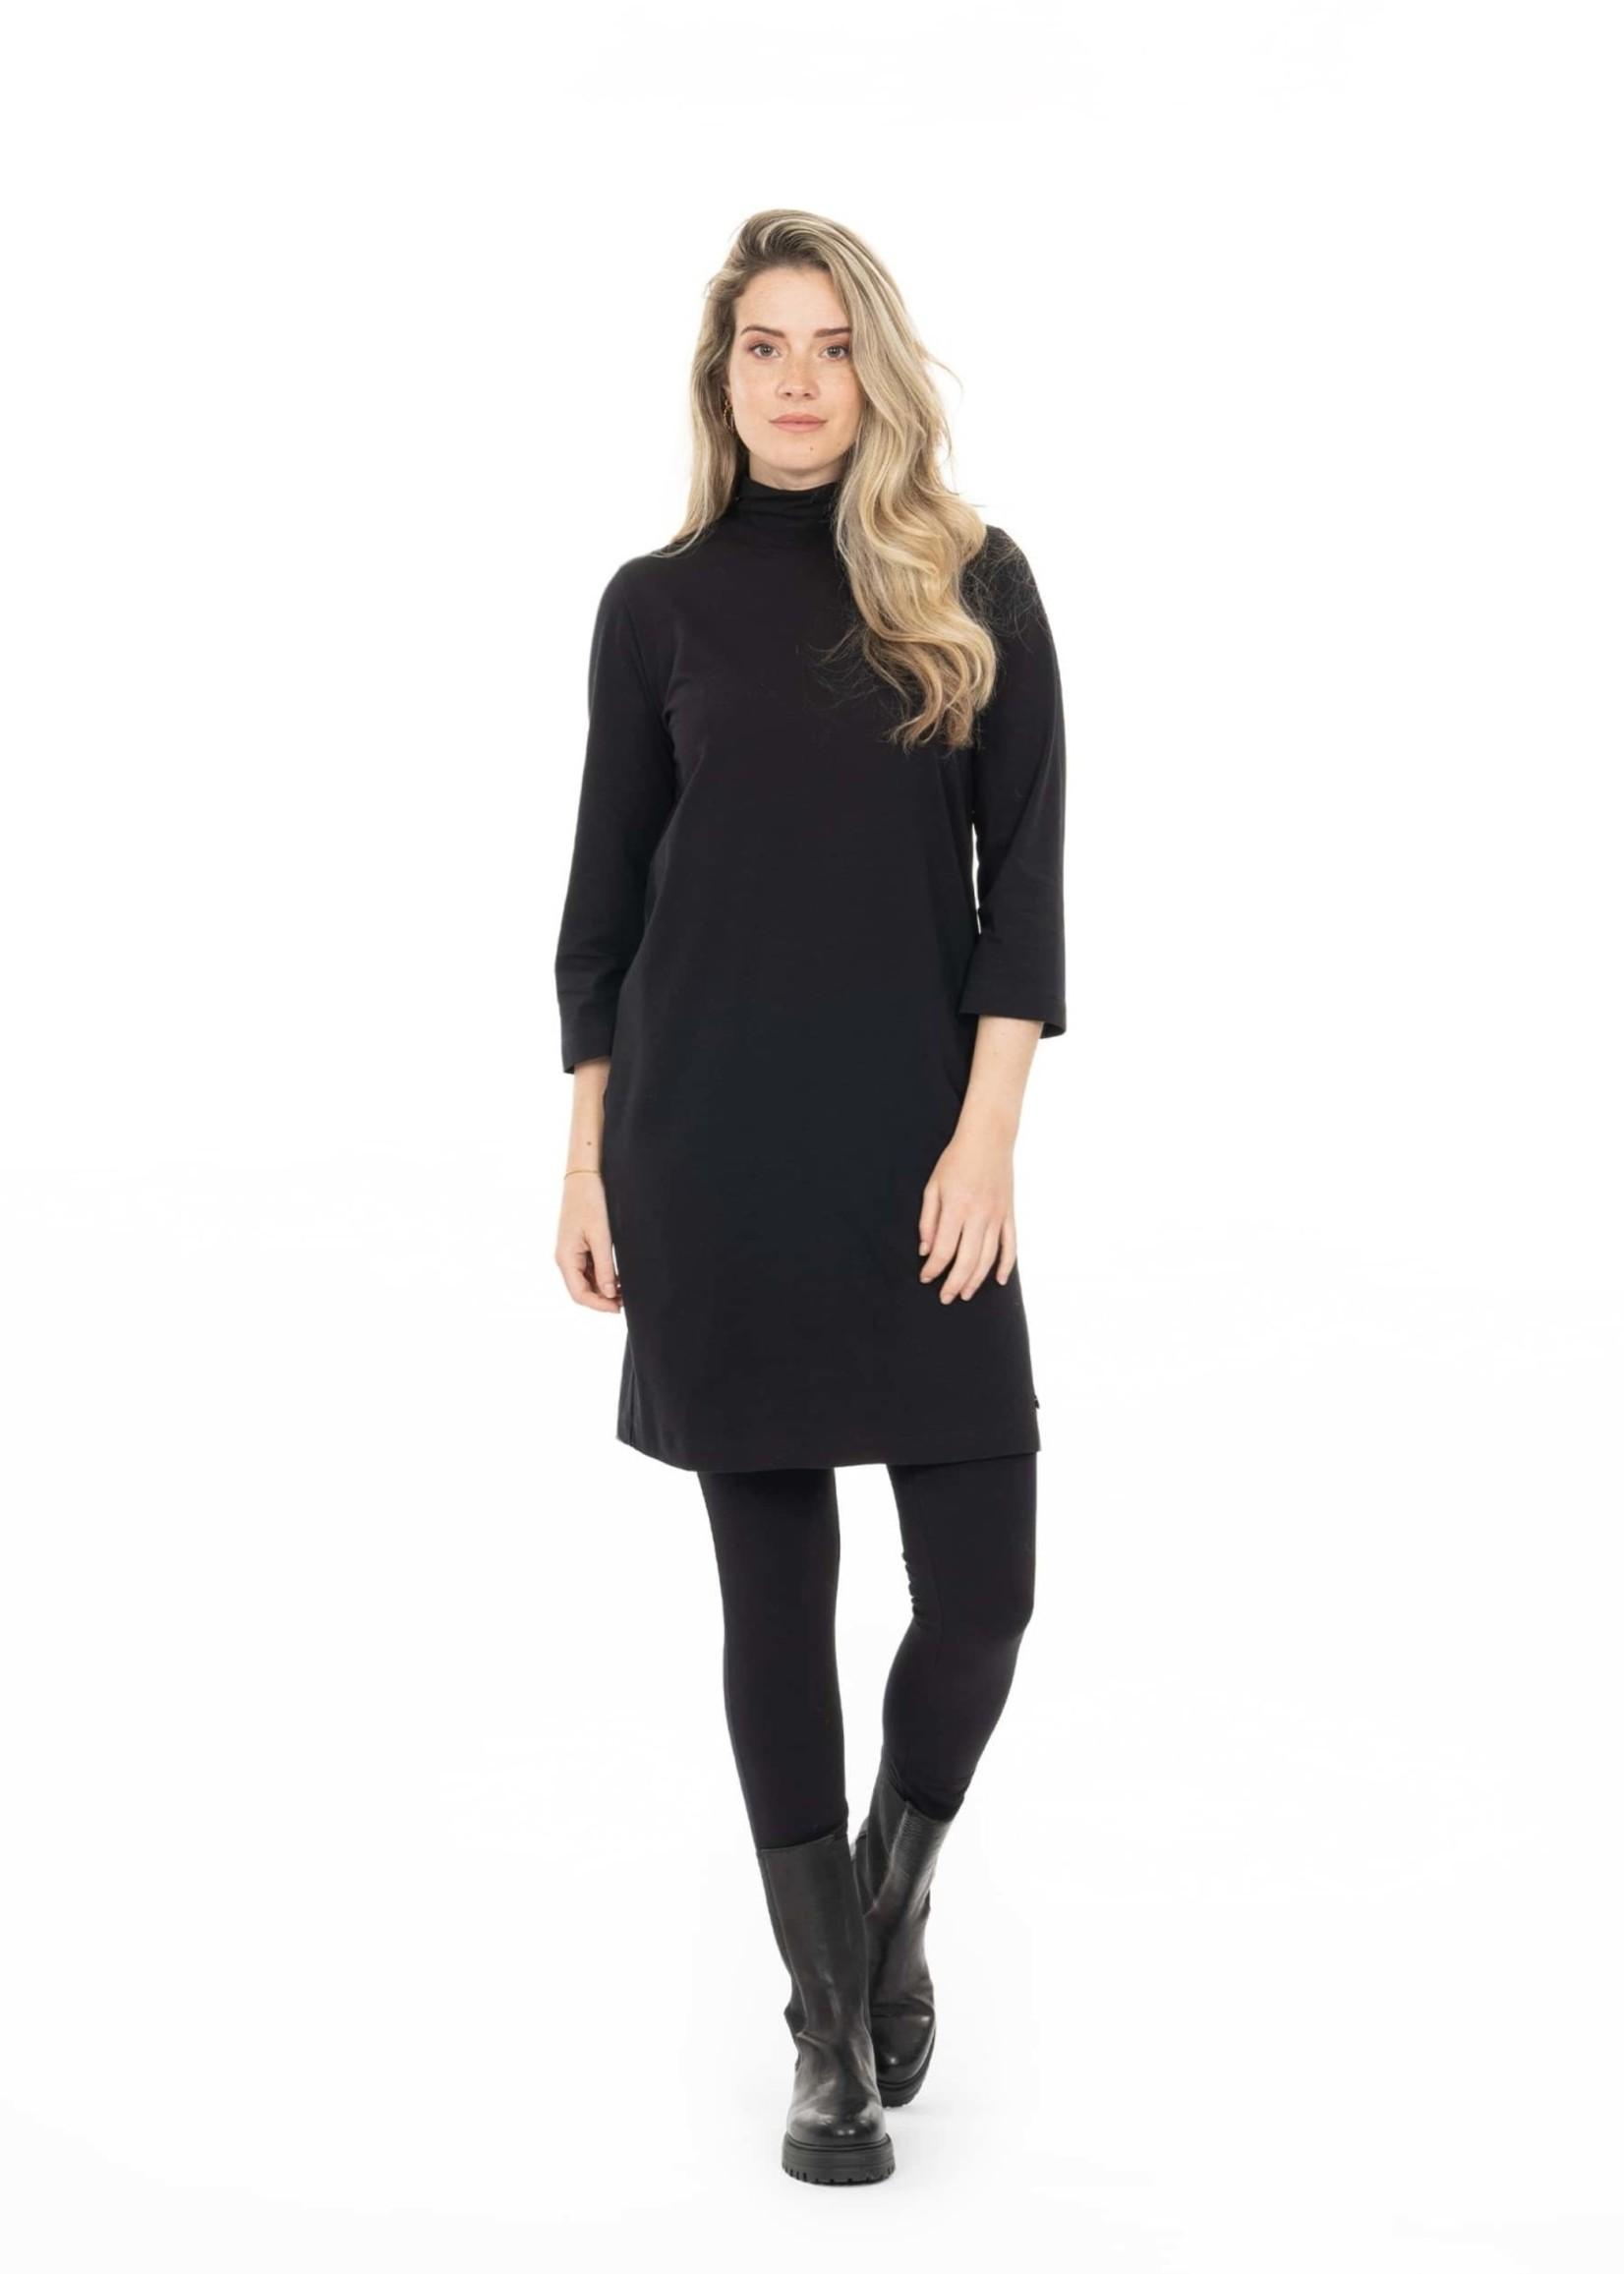 ZUSSS vlotte legging zwart